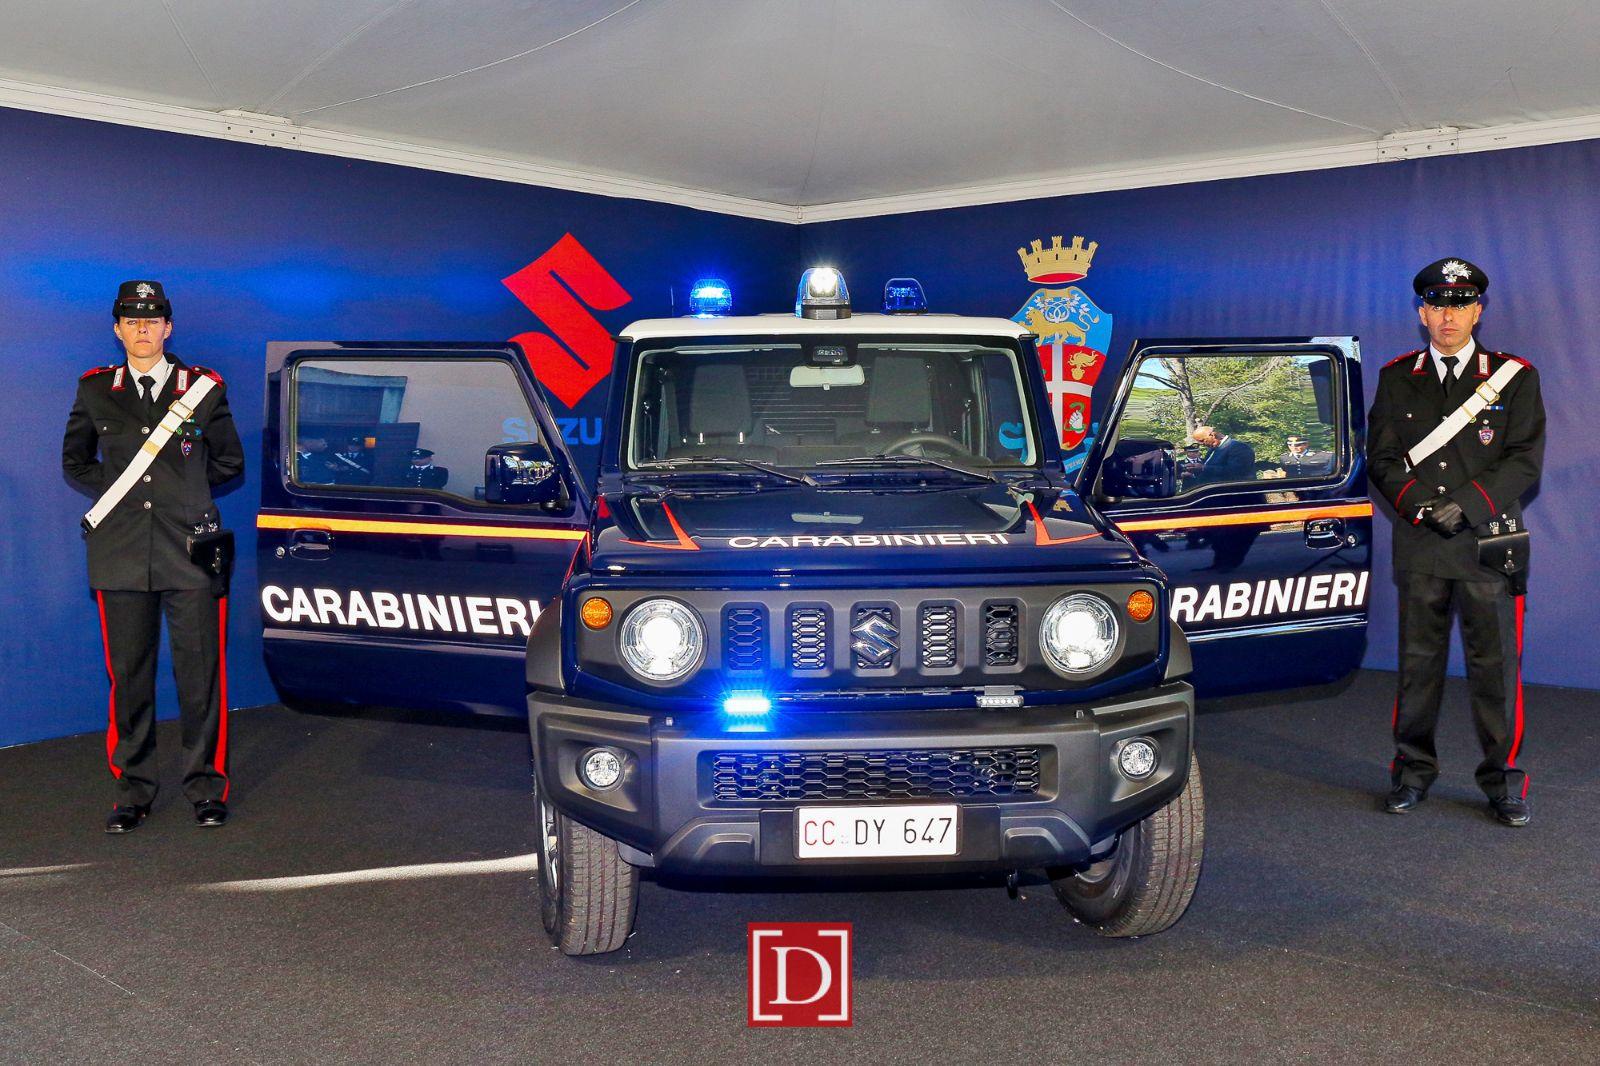 2019-10-23-suzuki-carabinieri-9055a